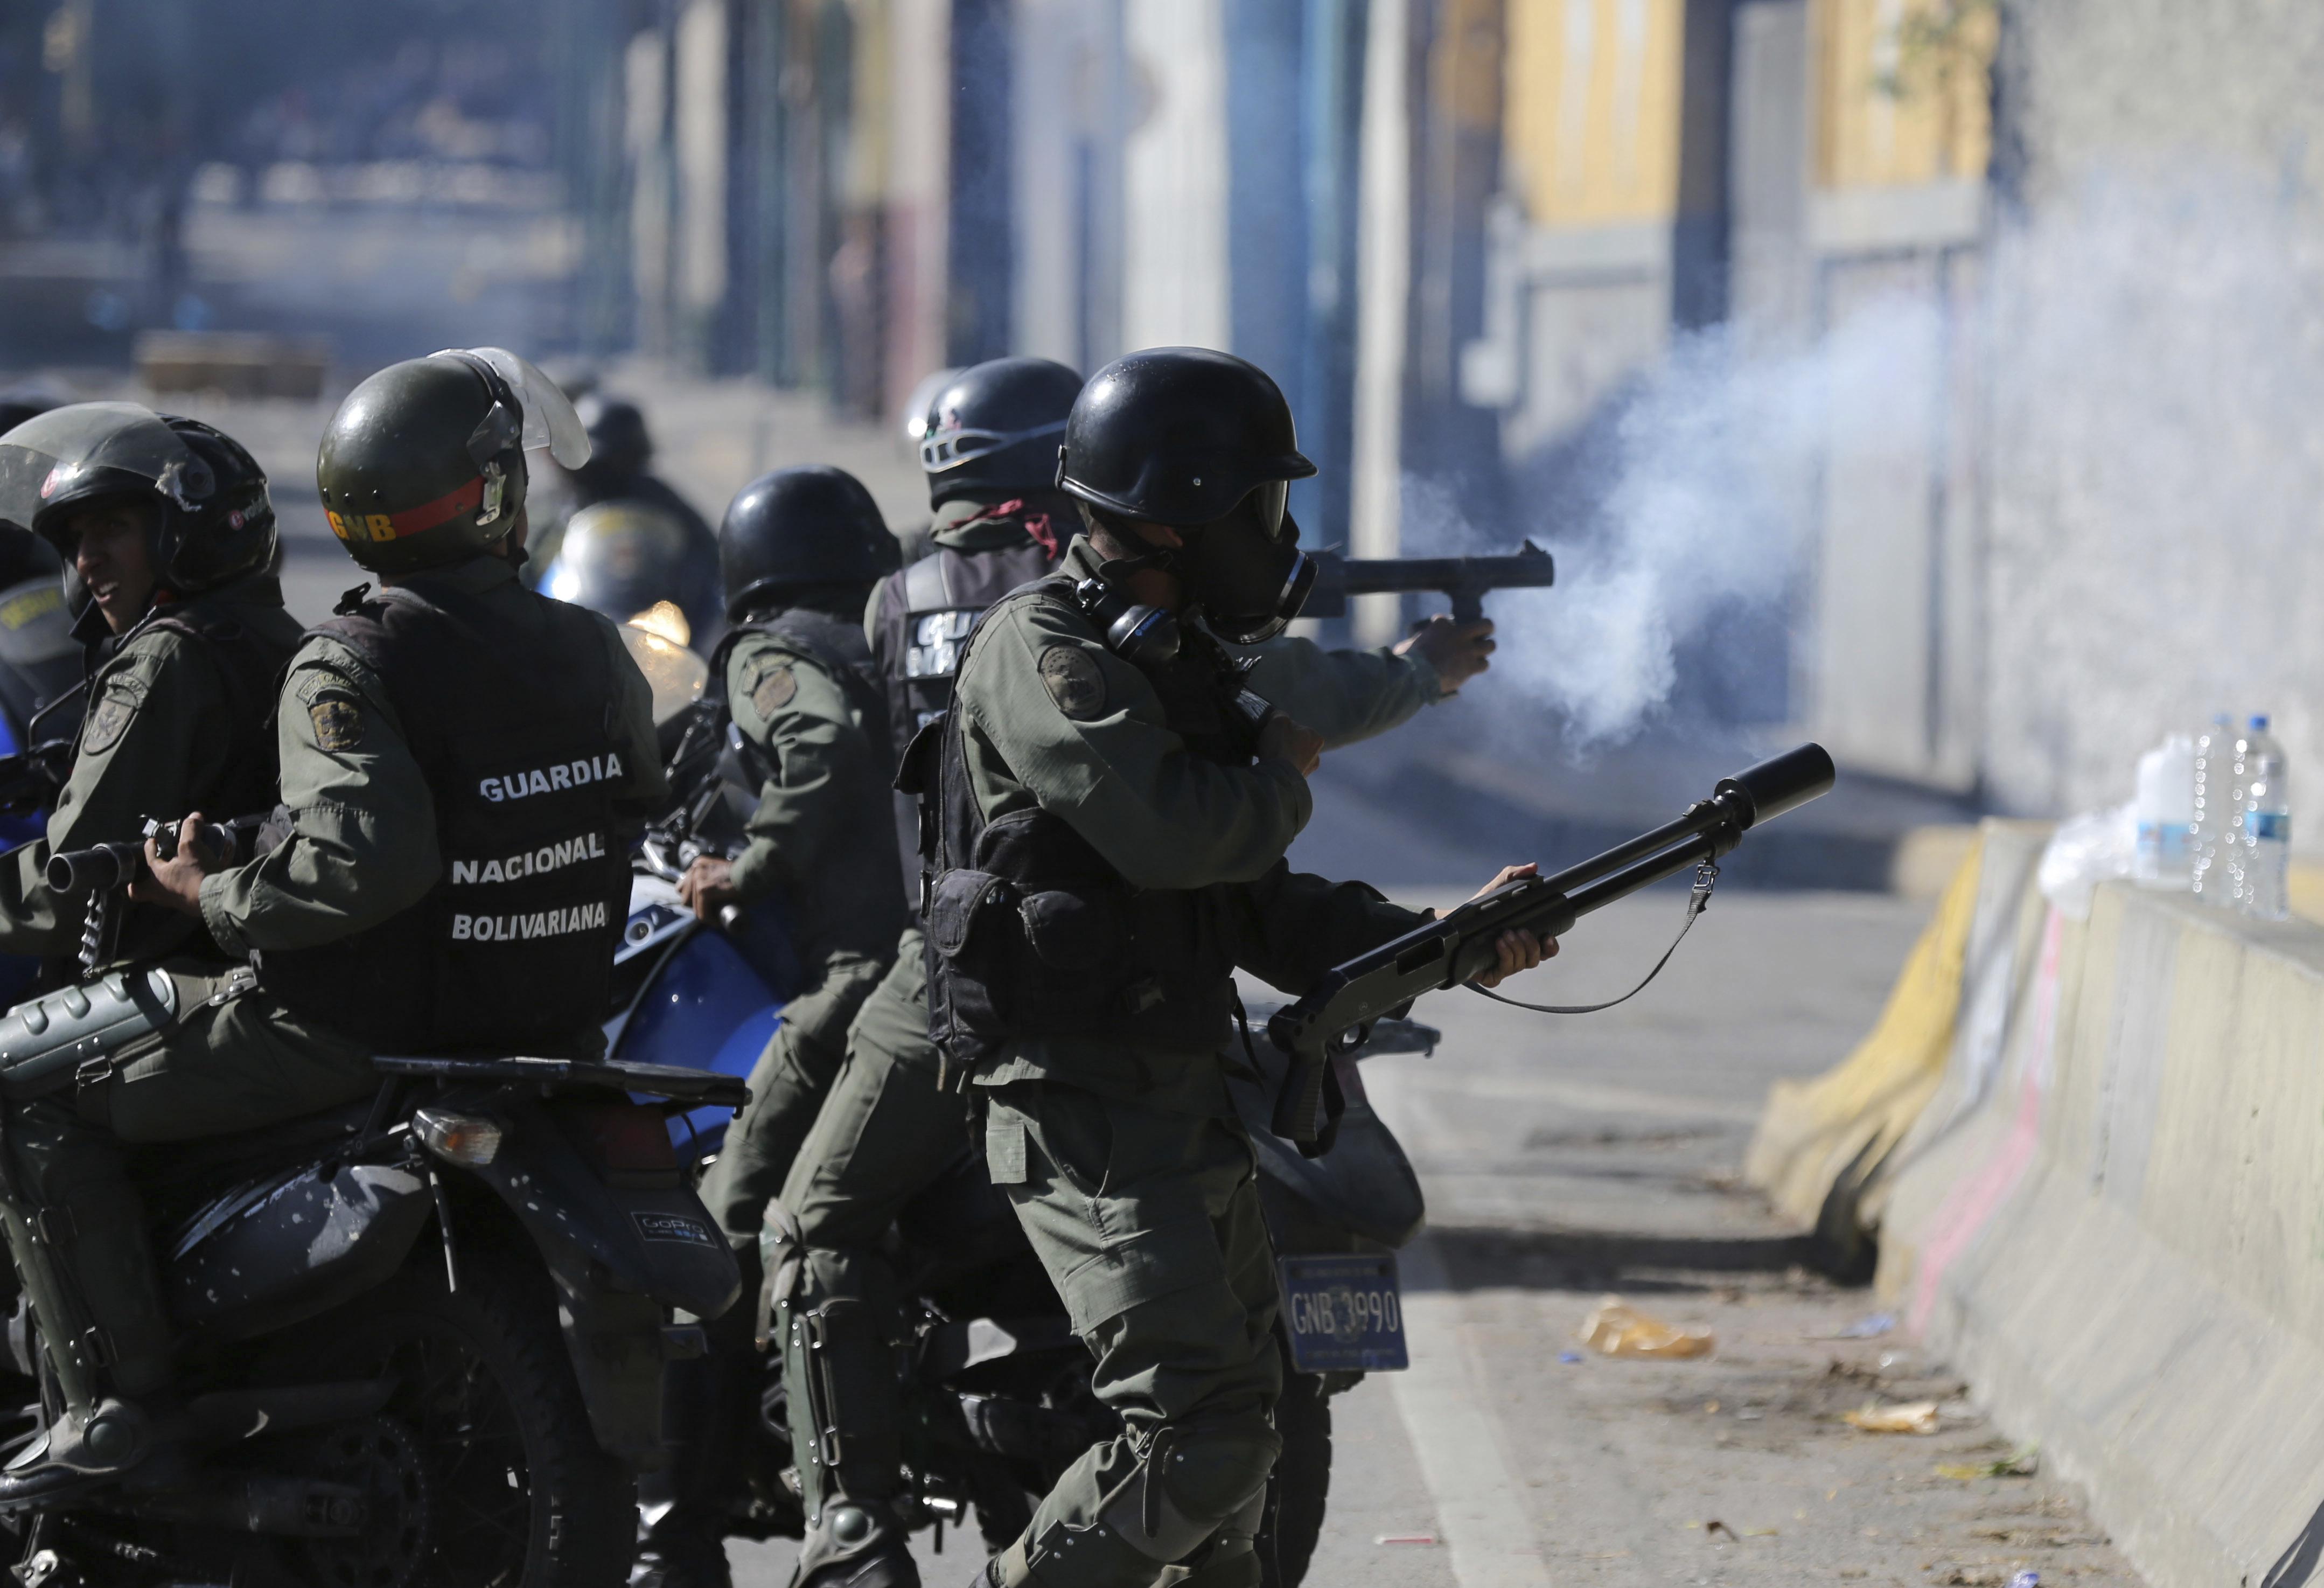 Llano ha captado imágenes tanto del lado de los oficiales como desde la perspectiva de los manifestantes